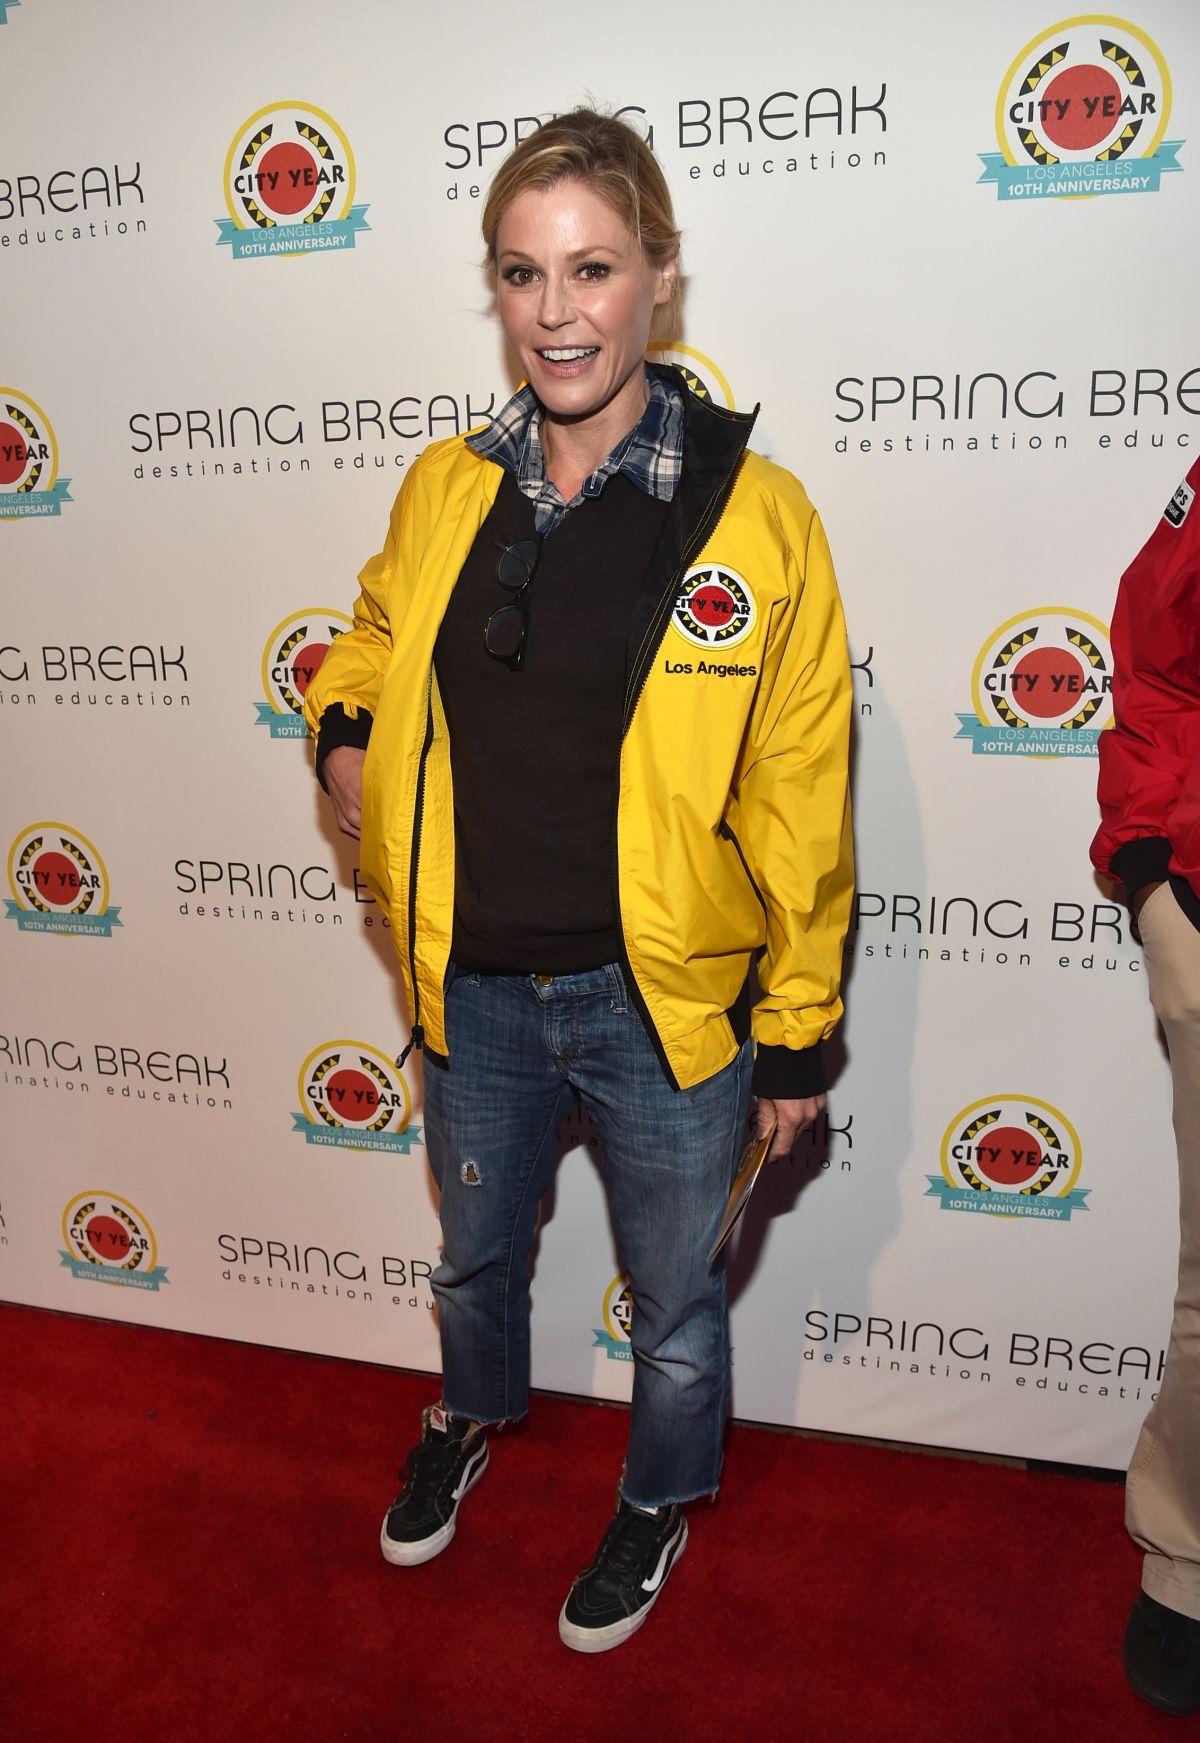 JULIE BOWEN at City Year Los Angeles Spring Break in Los Angeles 05/06/2017